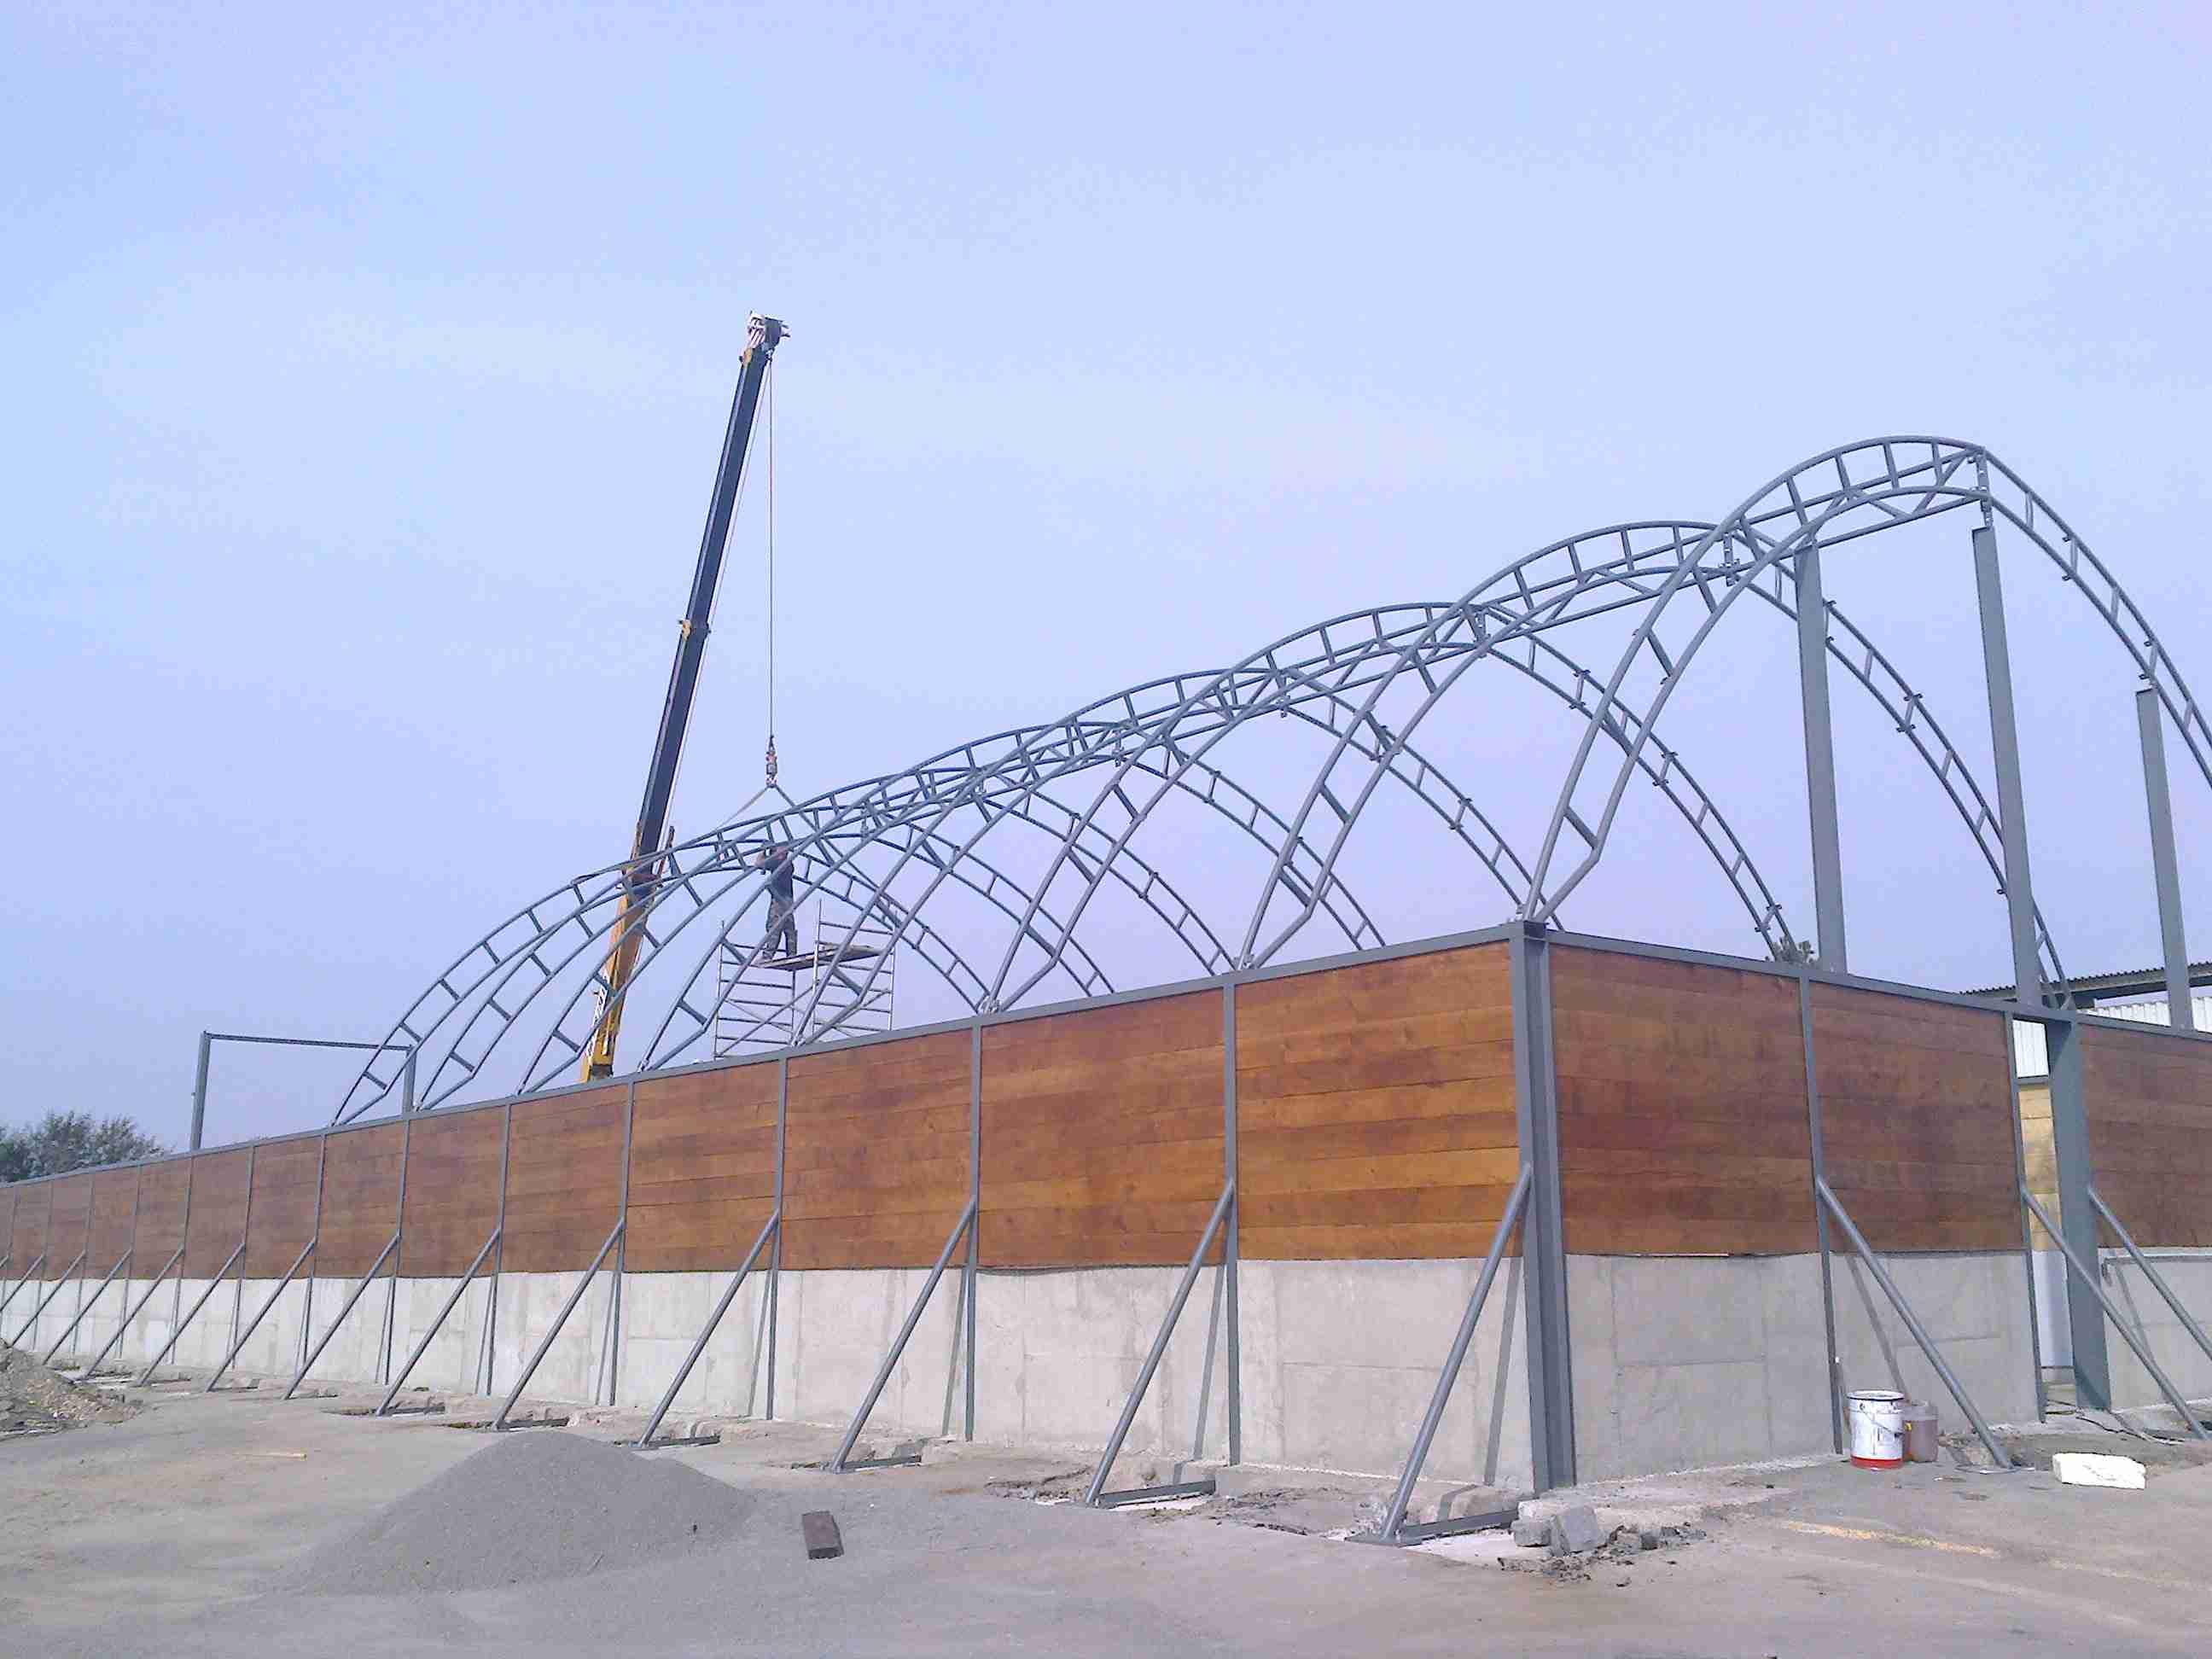 Stavba Přelouč Silnice sklad pos. soli 1 (2)